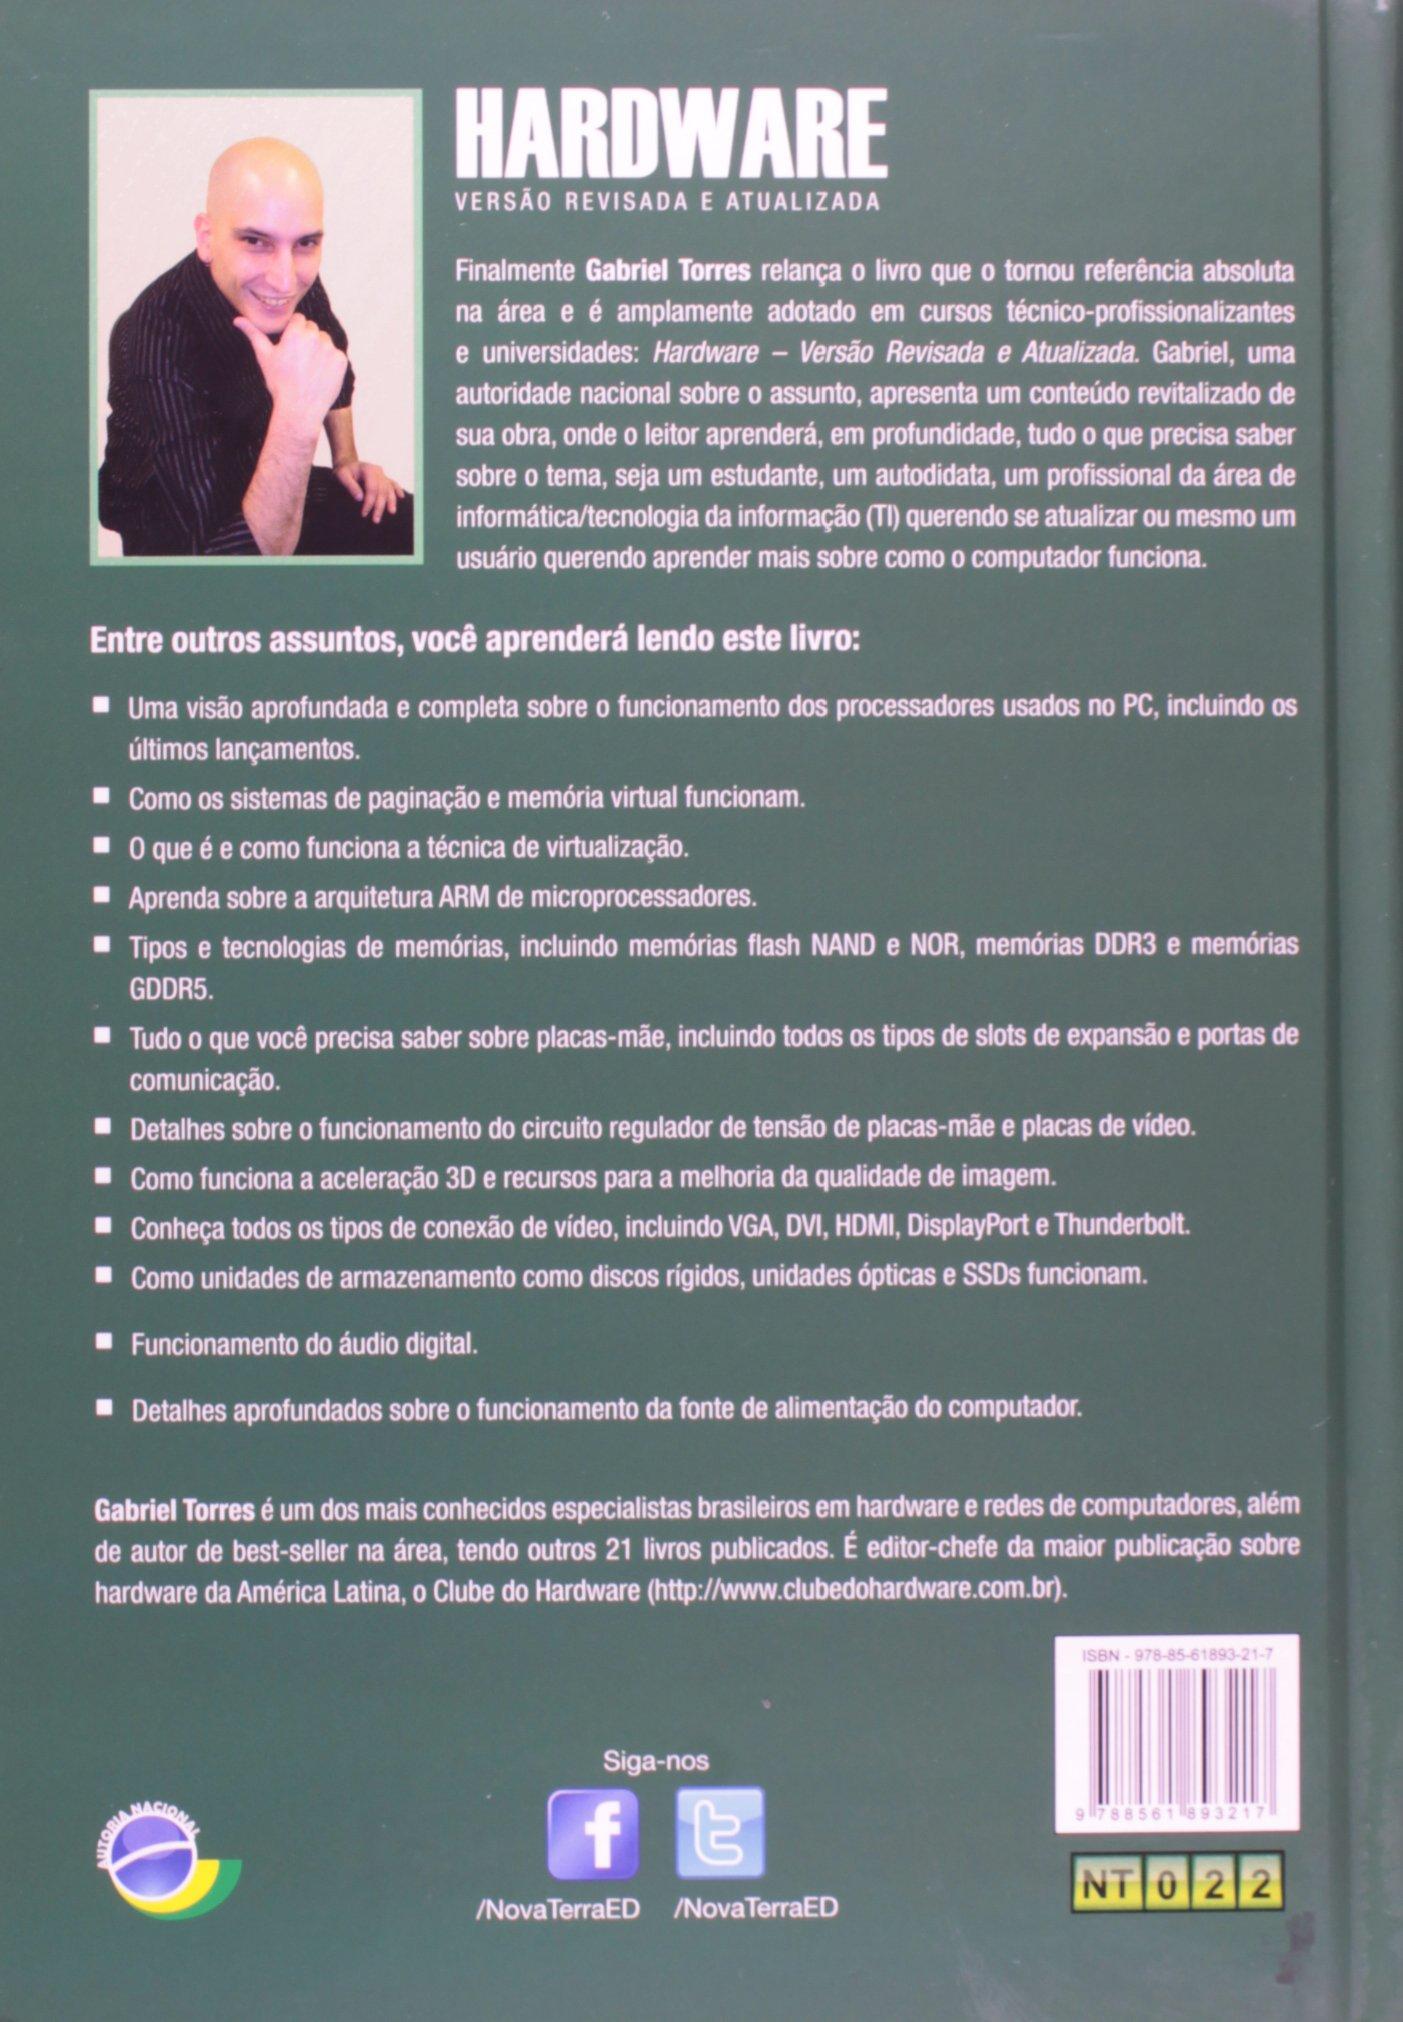 Hardware vers o revisada e atualizada 9788561893217 livros na amazon brasil